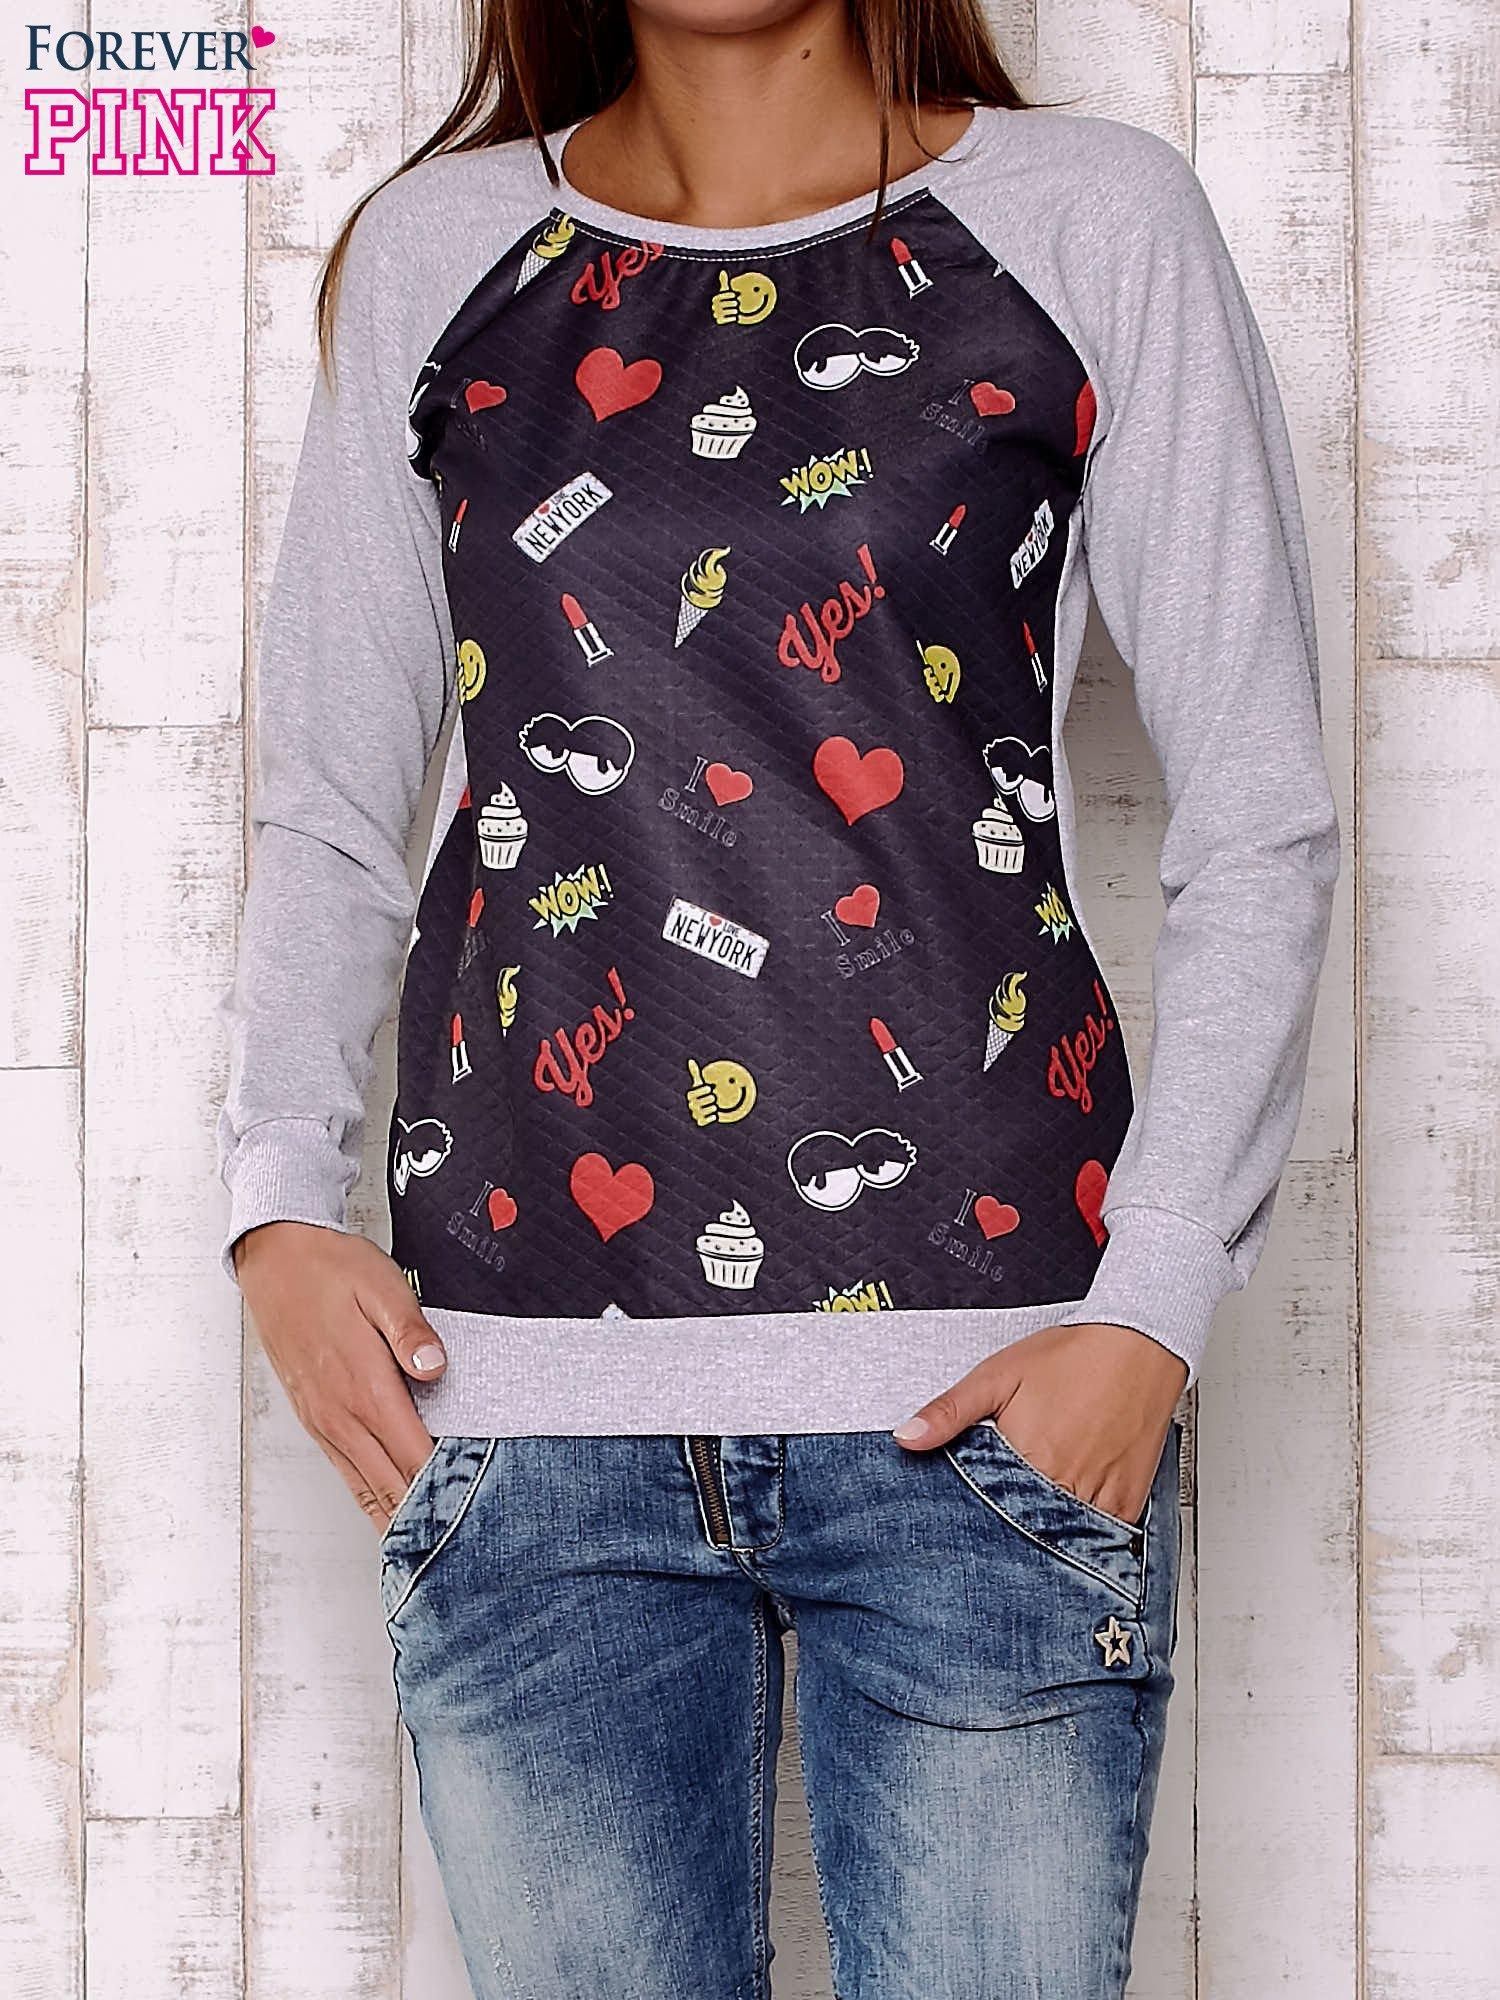 Czarna bluza z motywami komiksowymi                                  zdj.                                  1